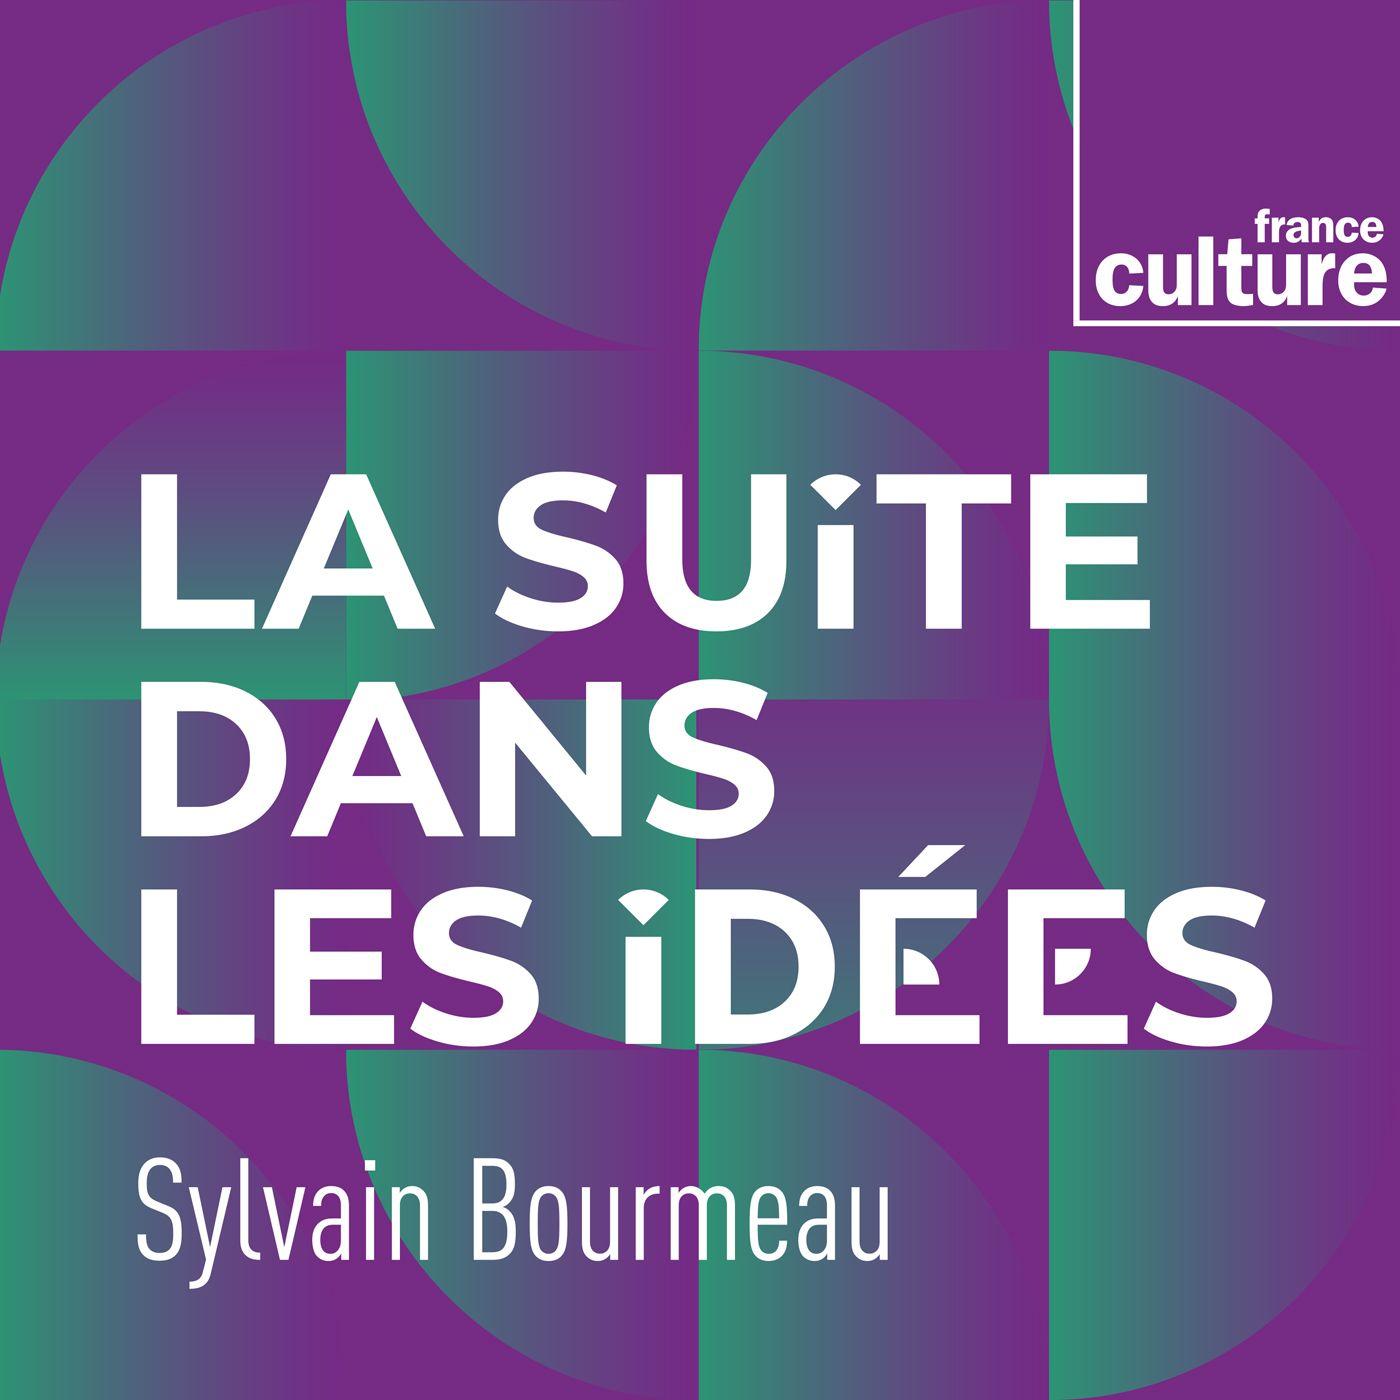 Image 1: La Suite dans les idees